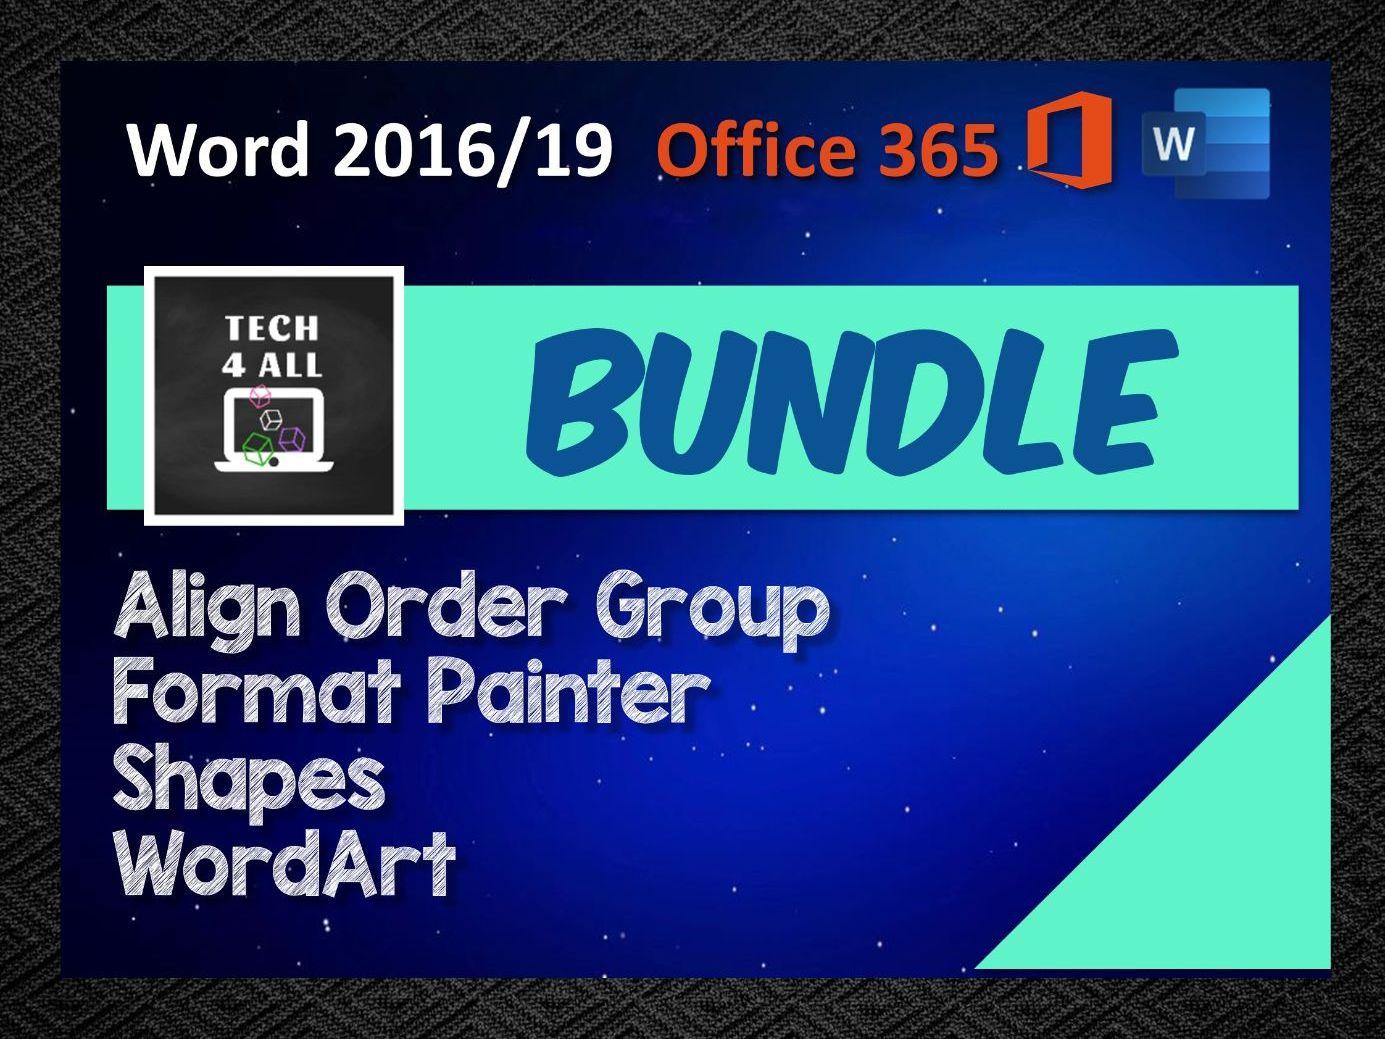 Bundle - Align Order Group, Format Painter, Shapes, WordArt